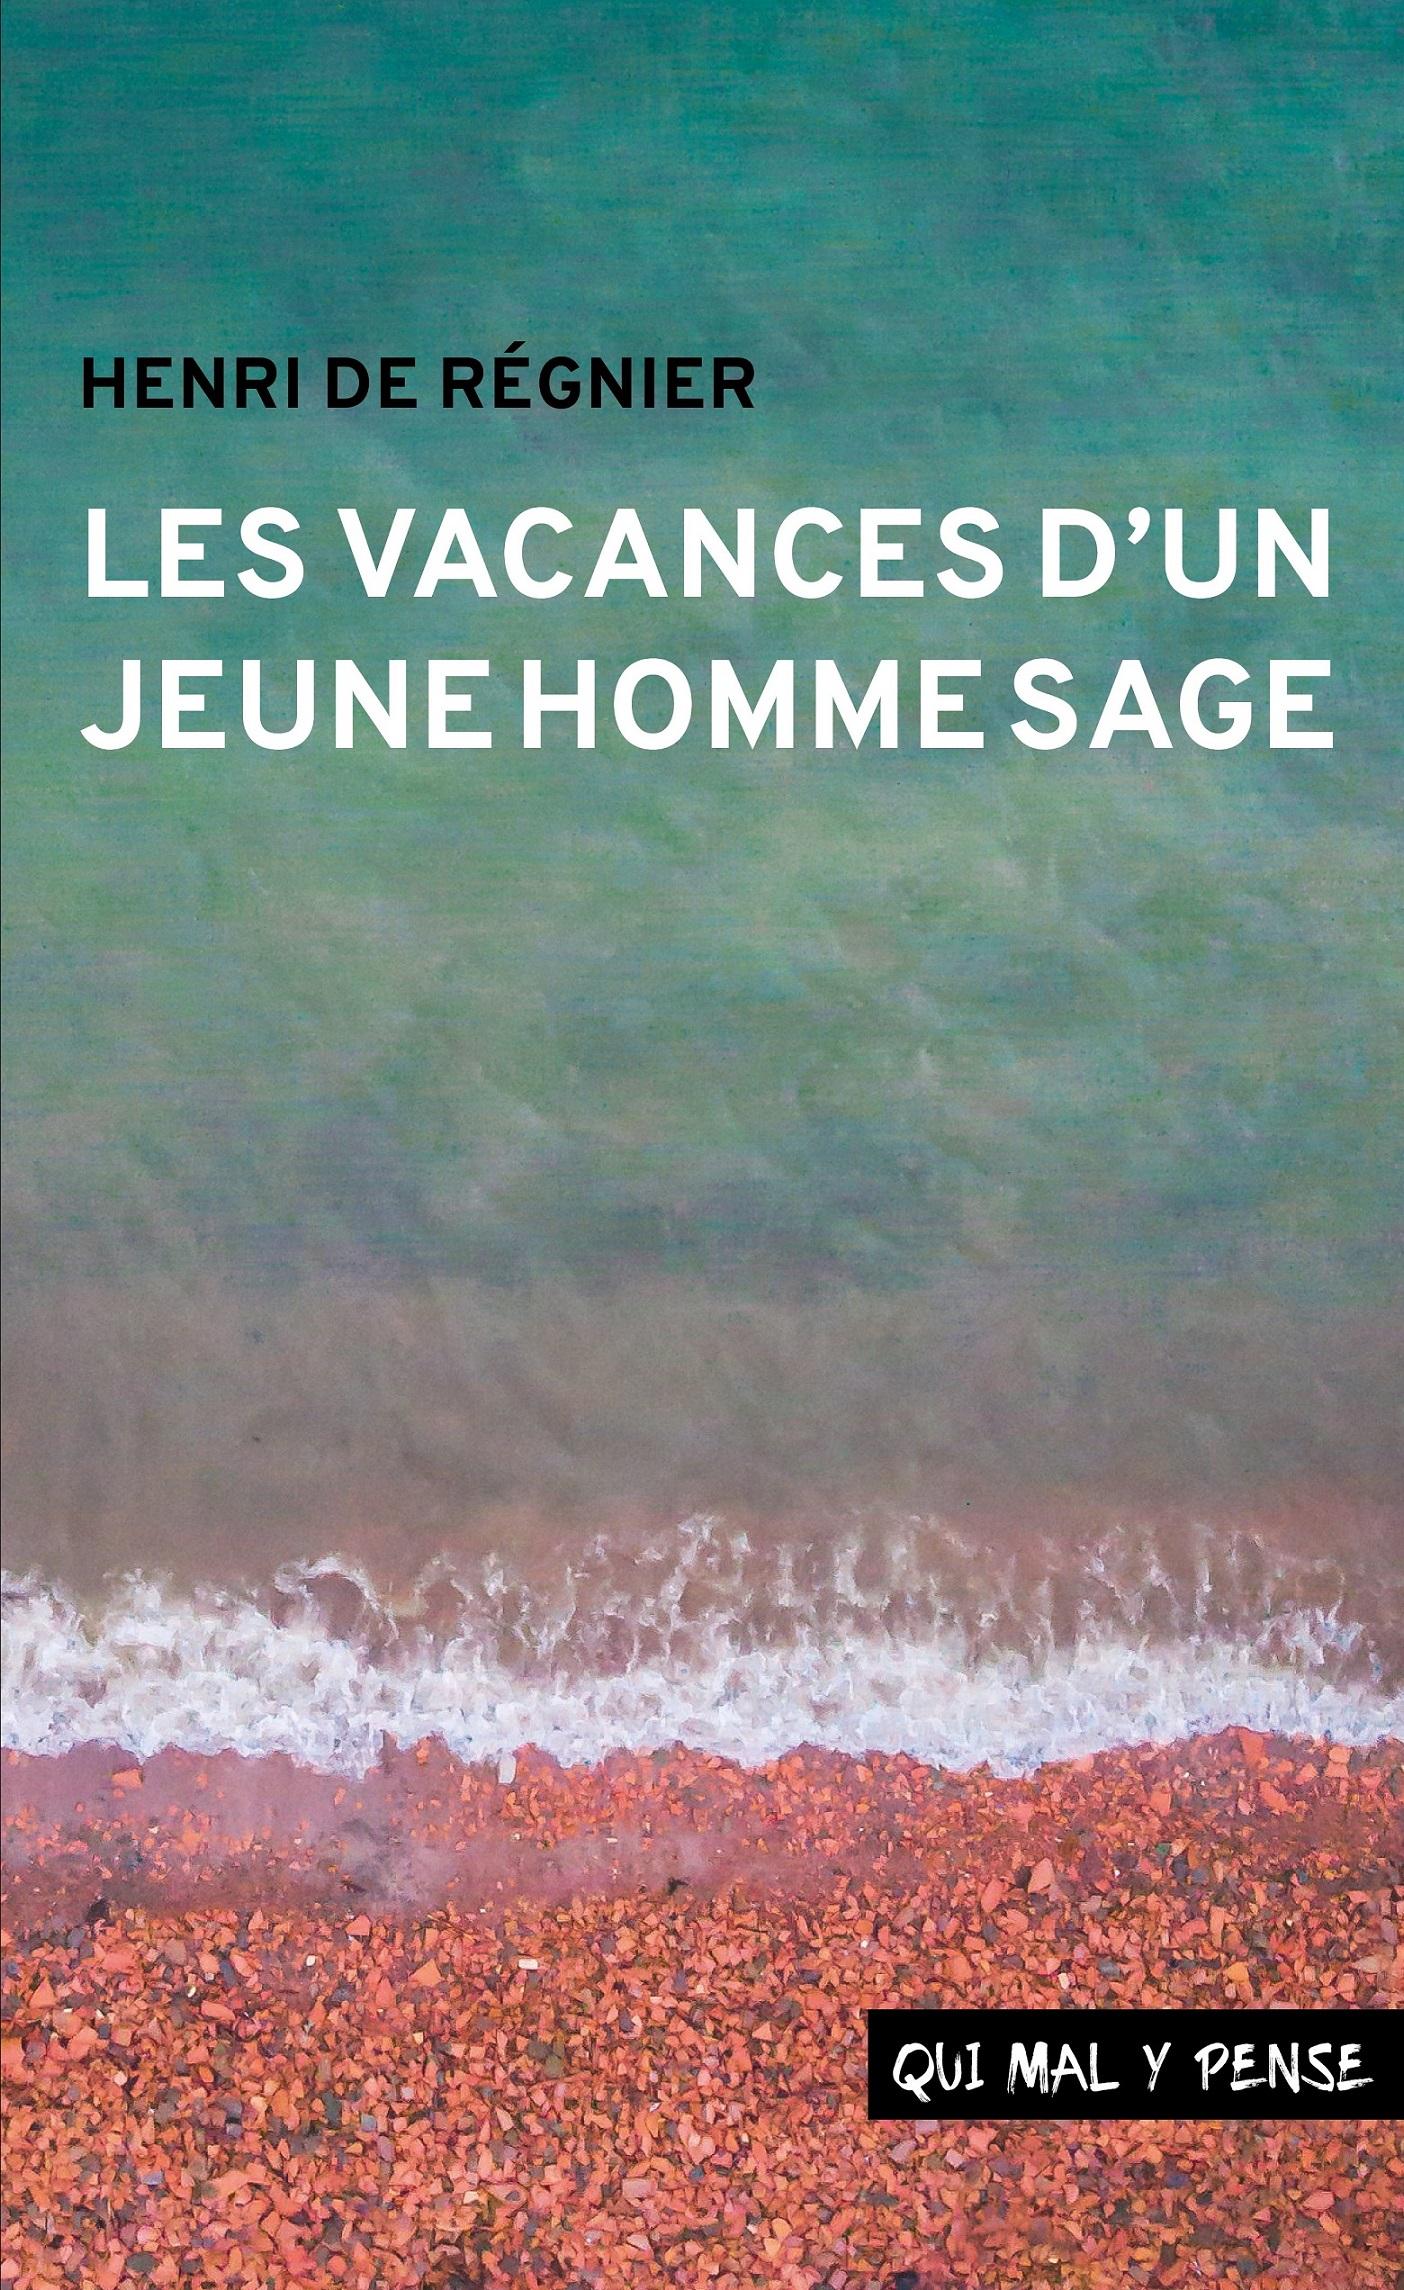 Couverture du roman d'Henri de Régnier